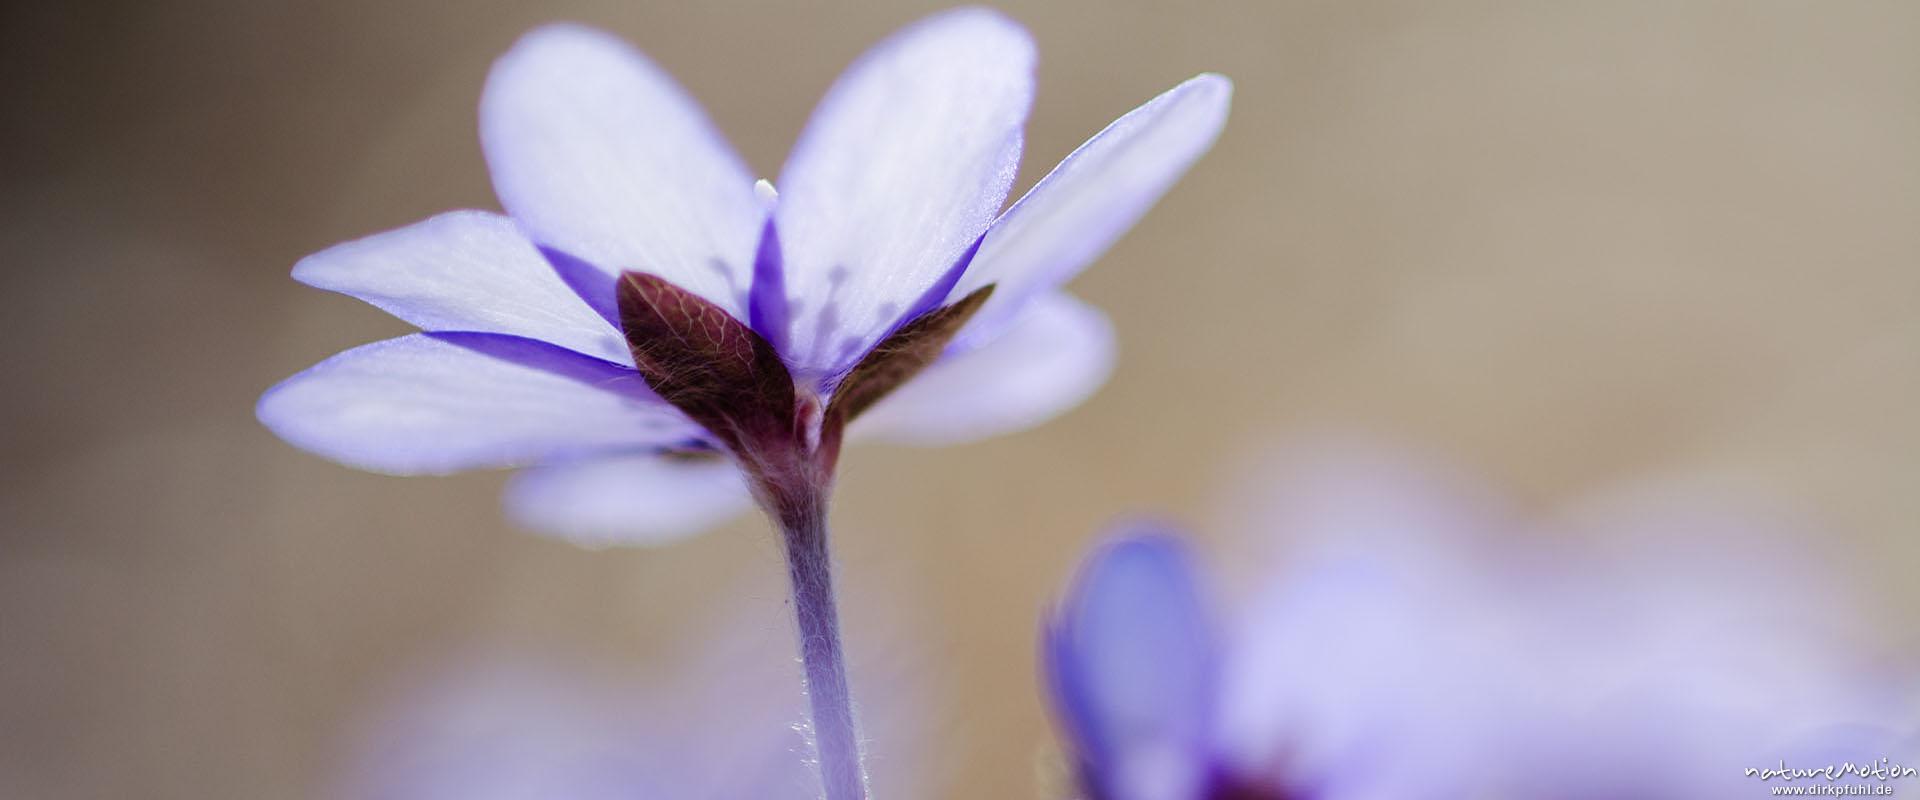 Leberblümchen, Hepatica nobilis, Blüten